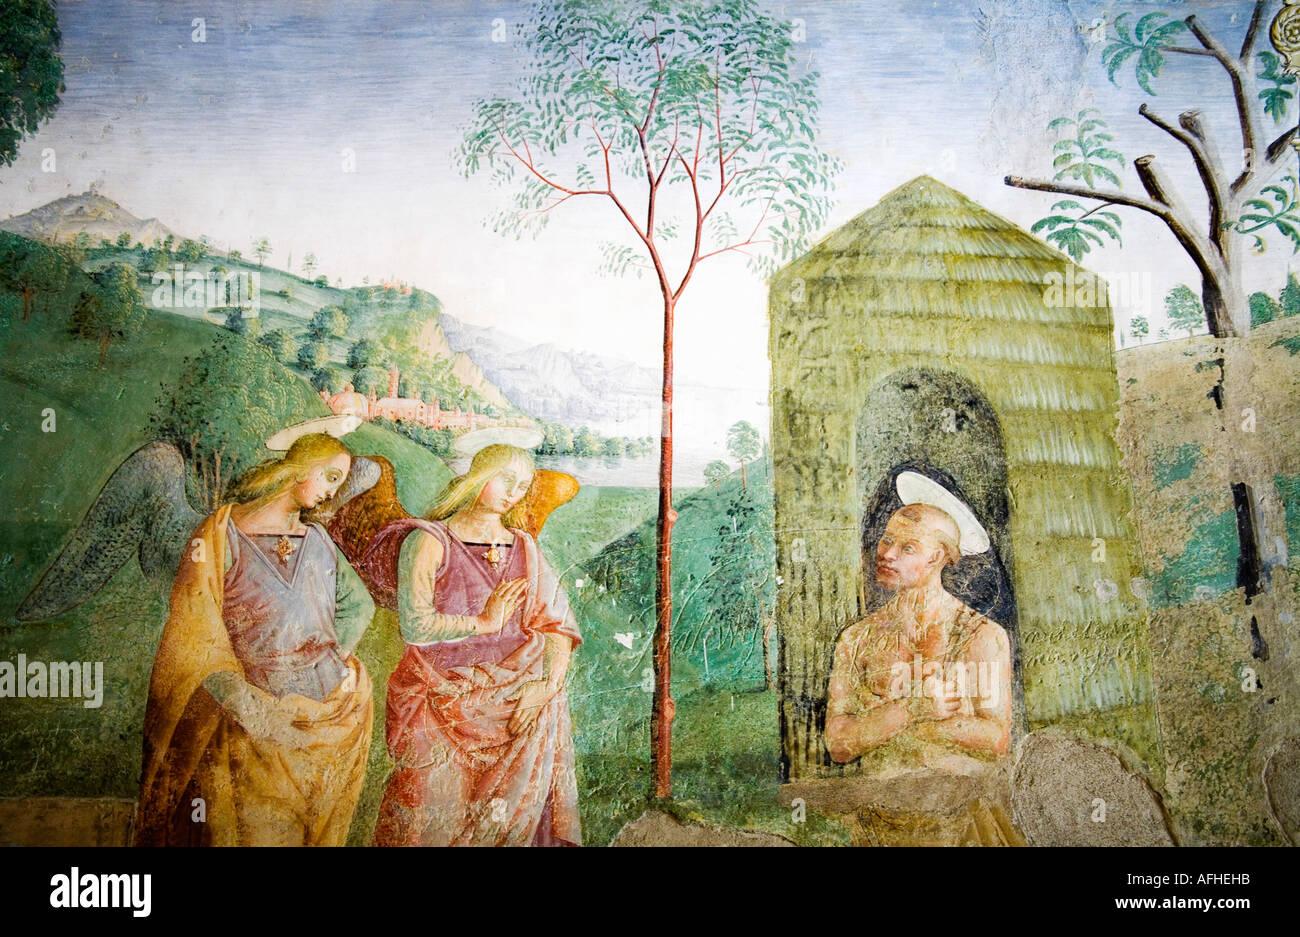 San Francisco de Asís con ángeles fresco en los fundamentos de la iglesia Basílica de Santa Maria degli Angeli Assisi Umbria Italia Imagen De Stock